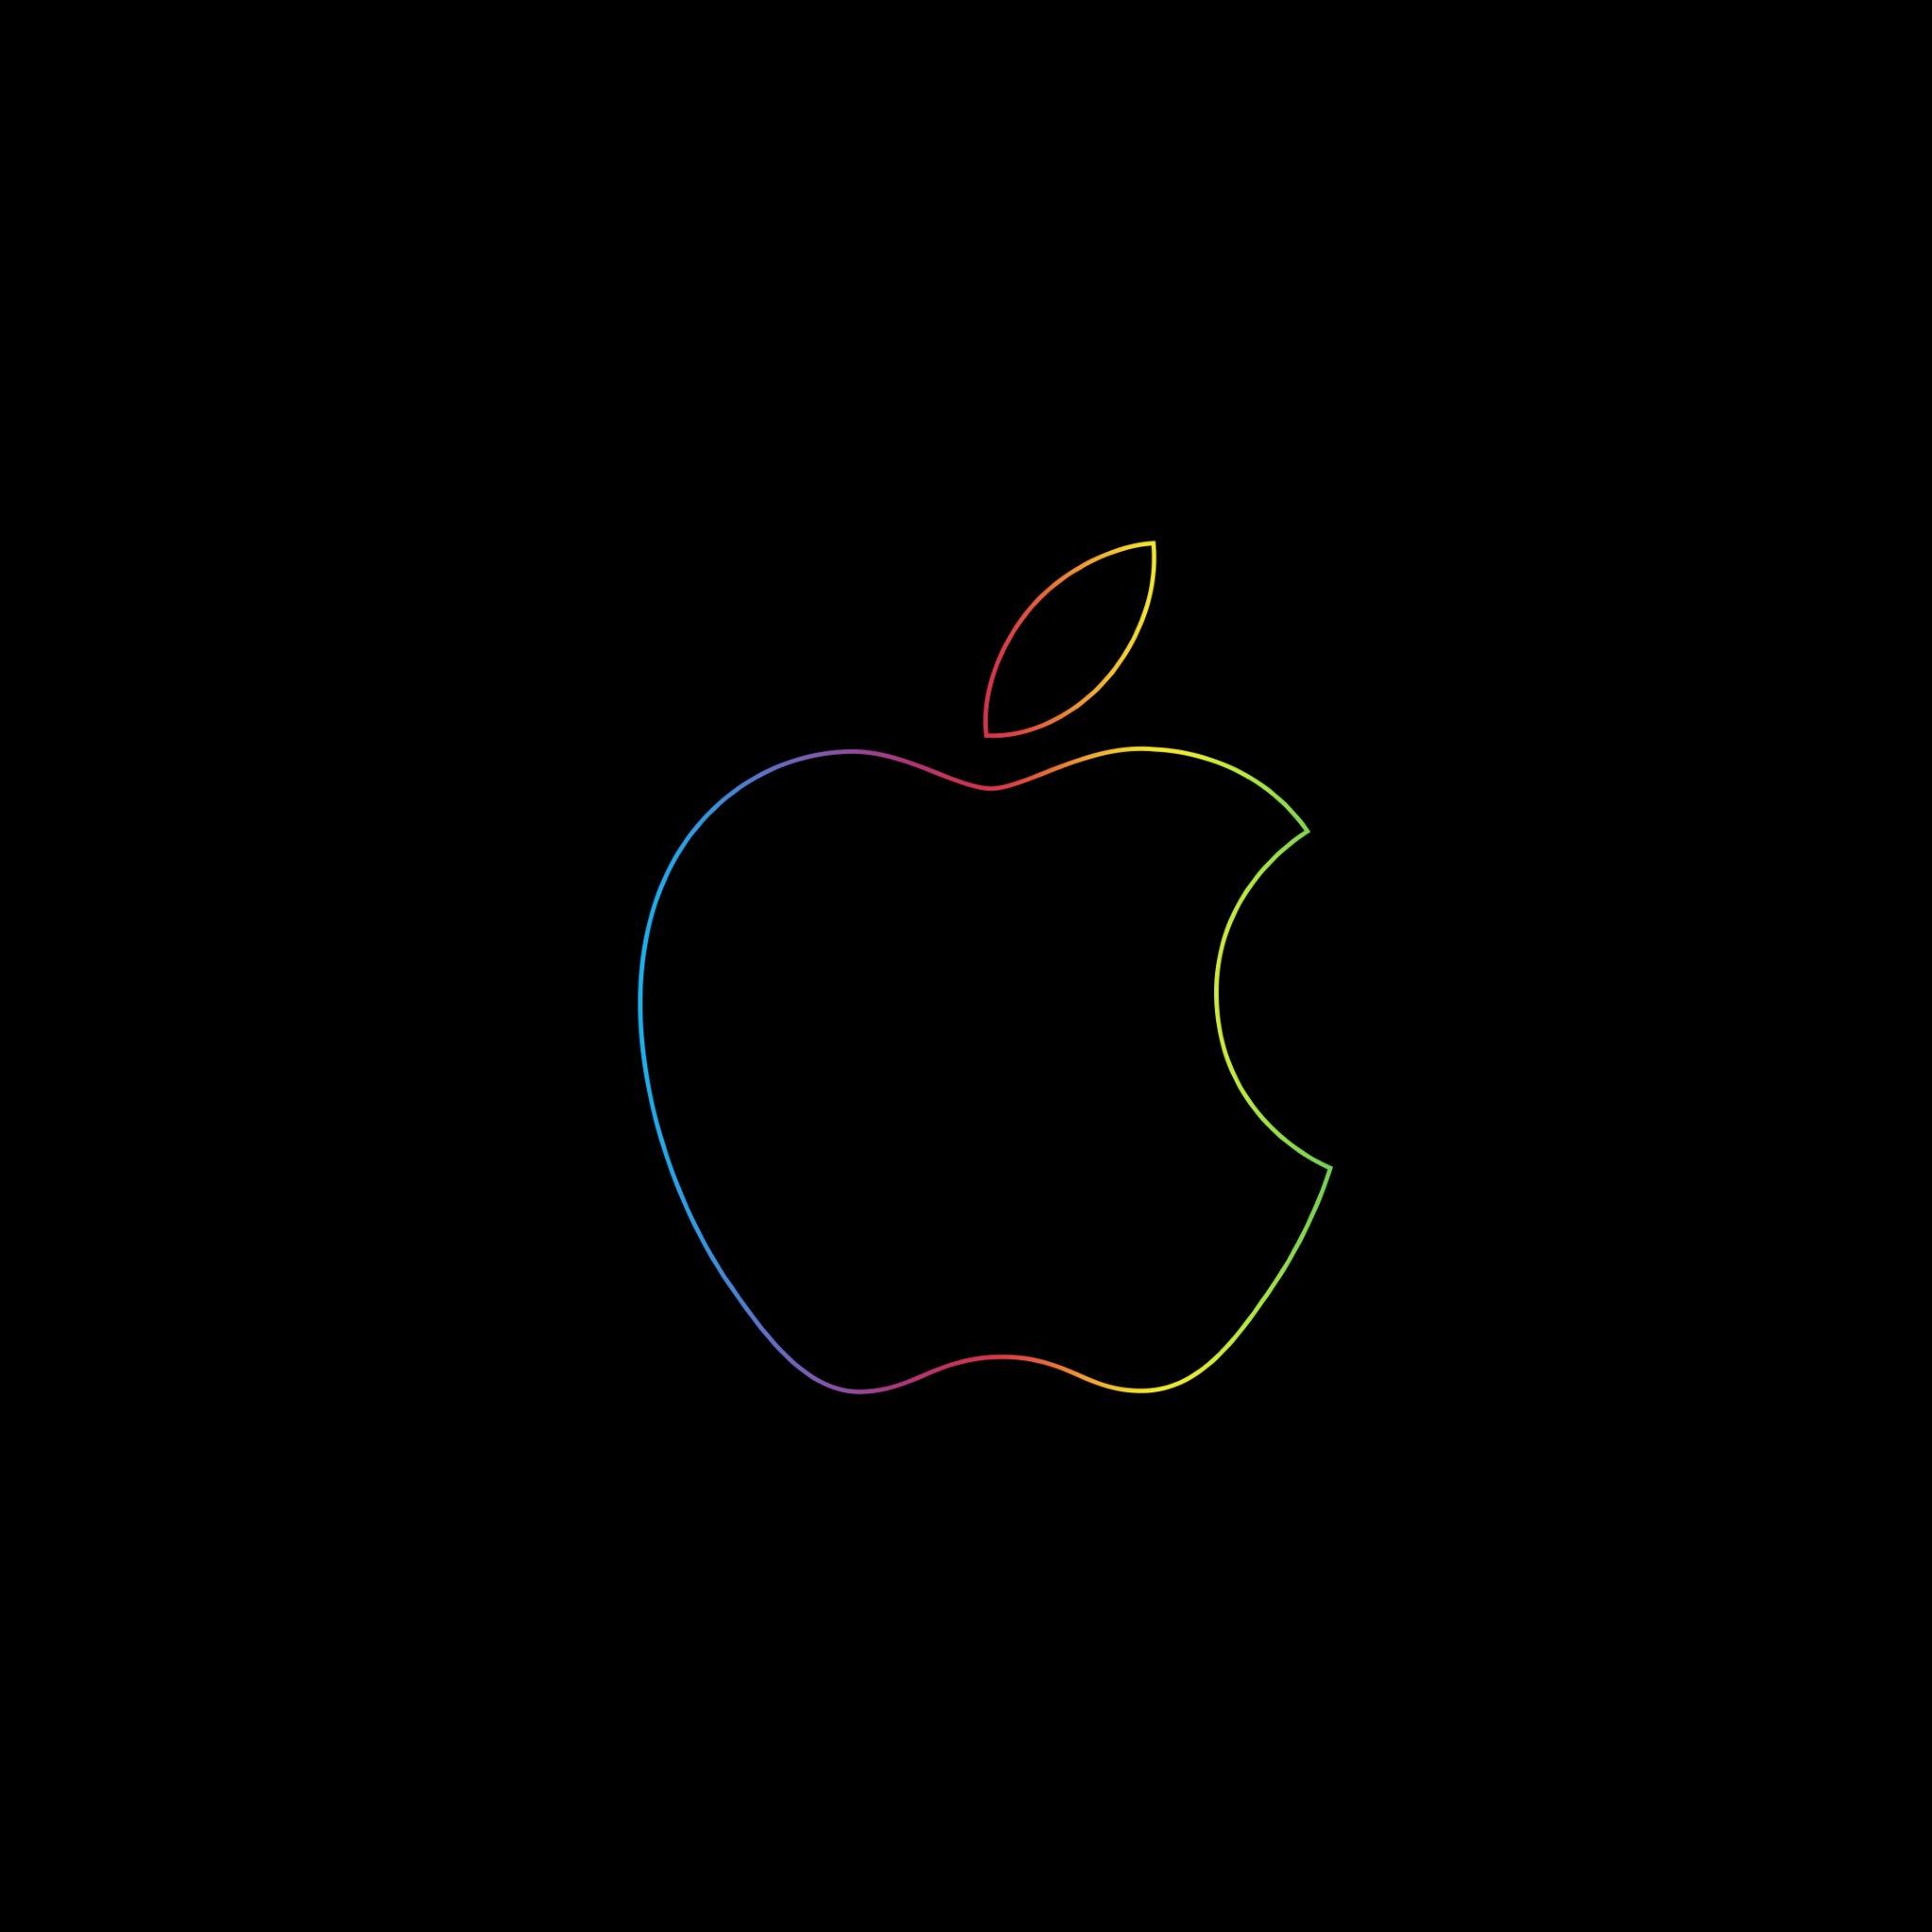 76 wallpaper 1080p apple 2018 gtgtgt best wallpaper hd